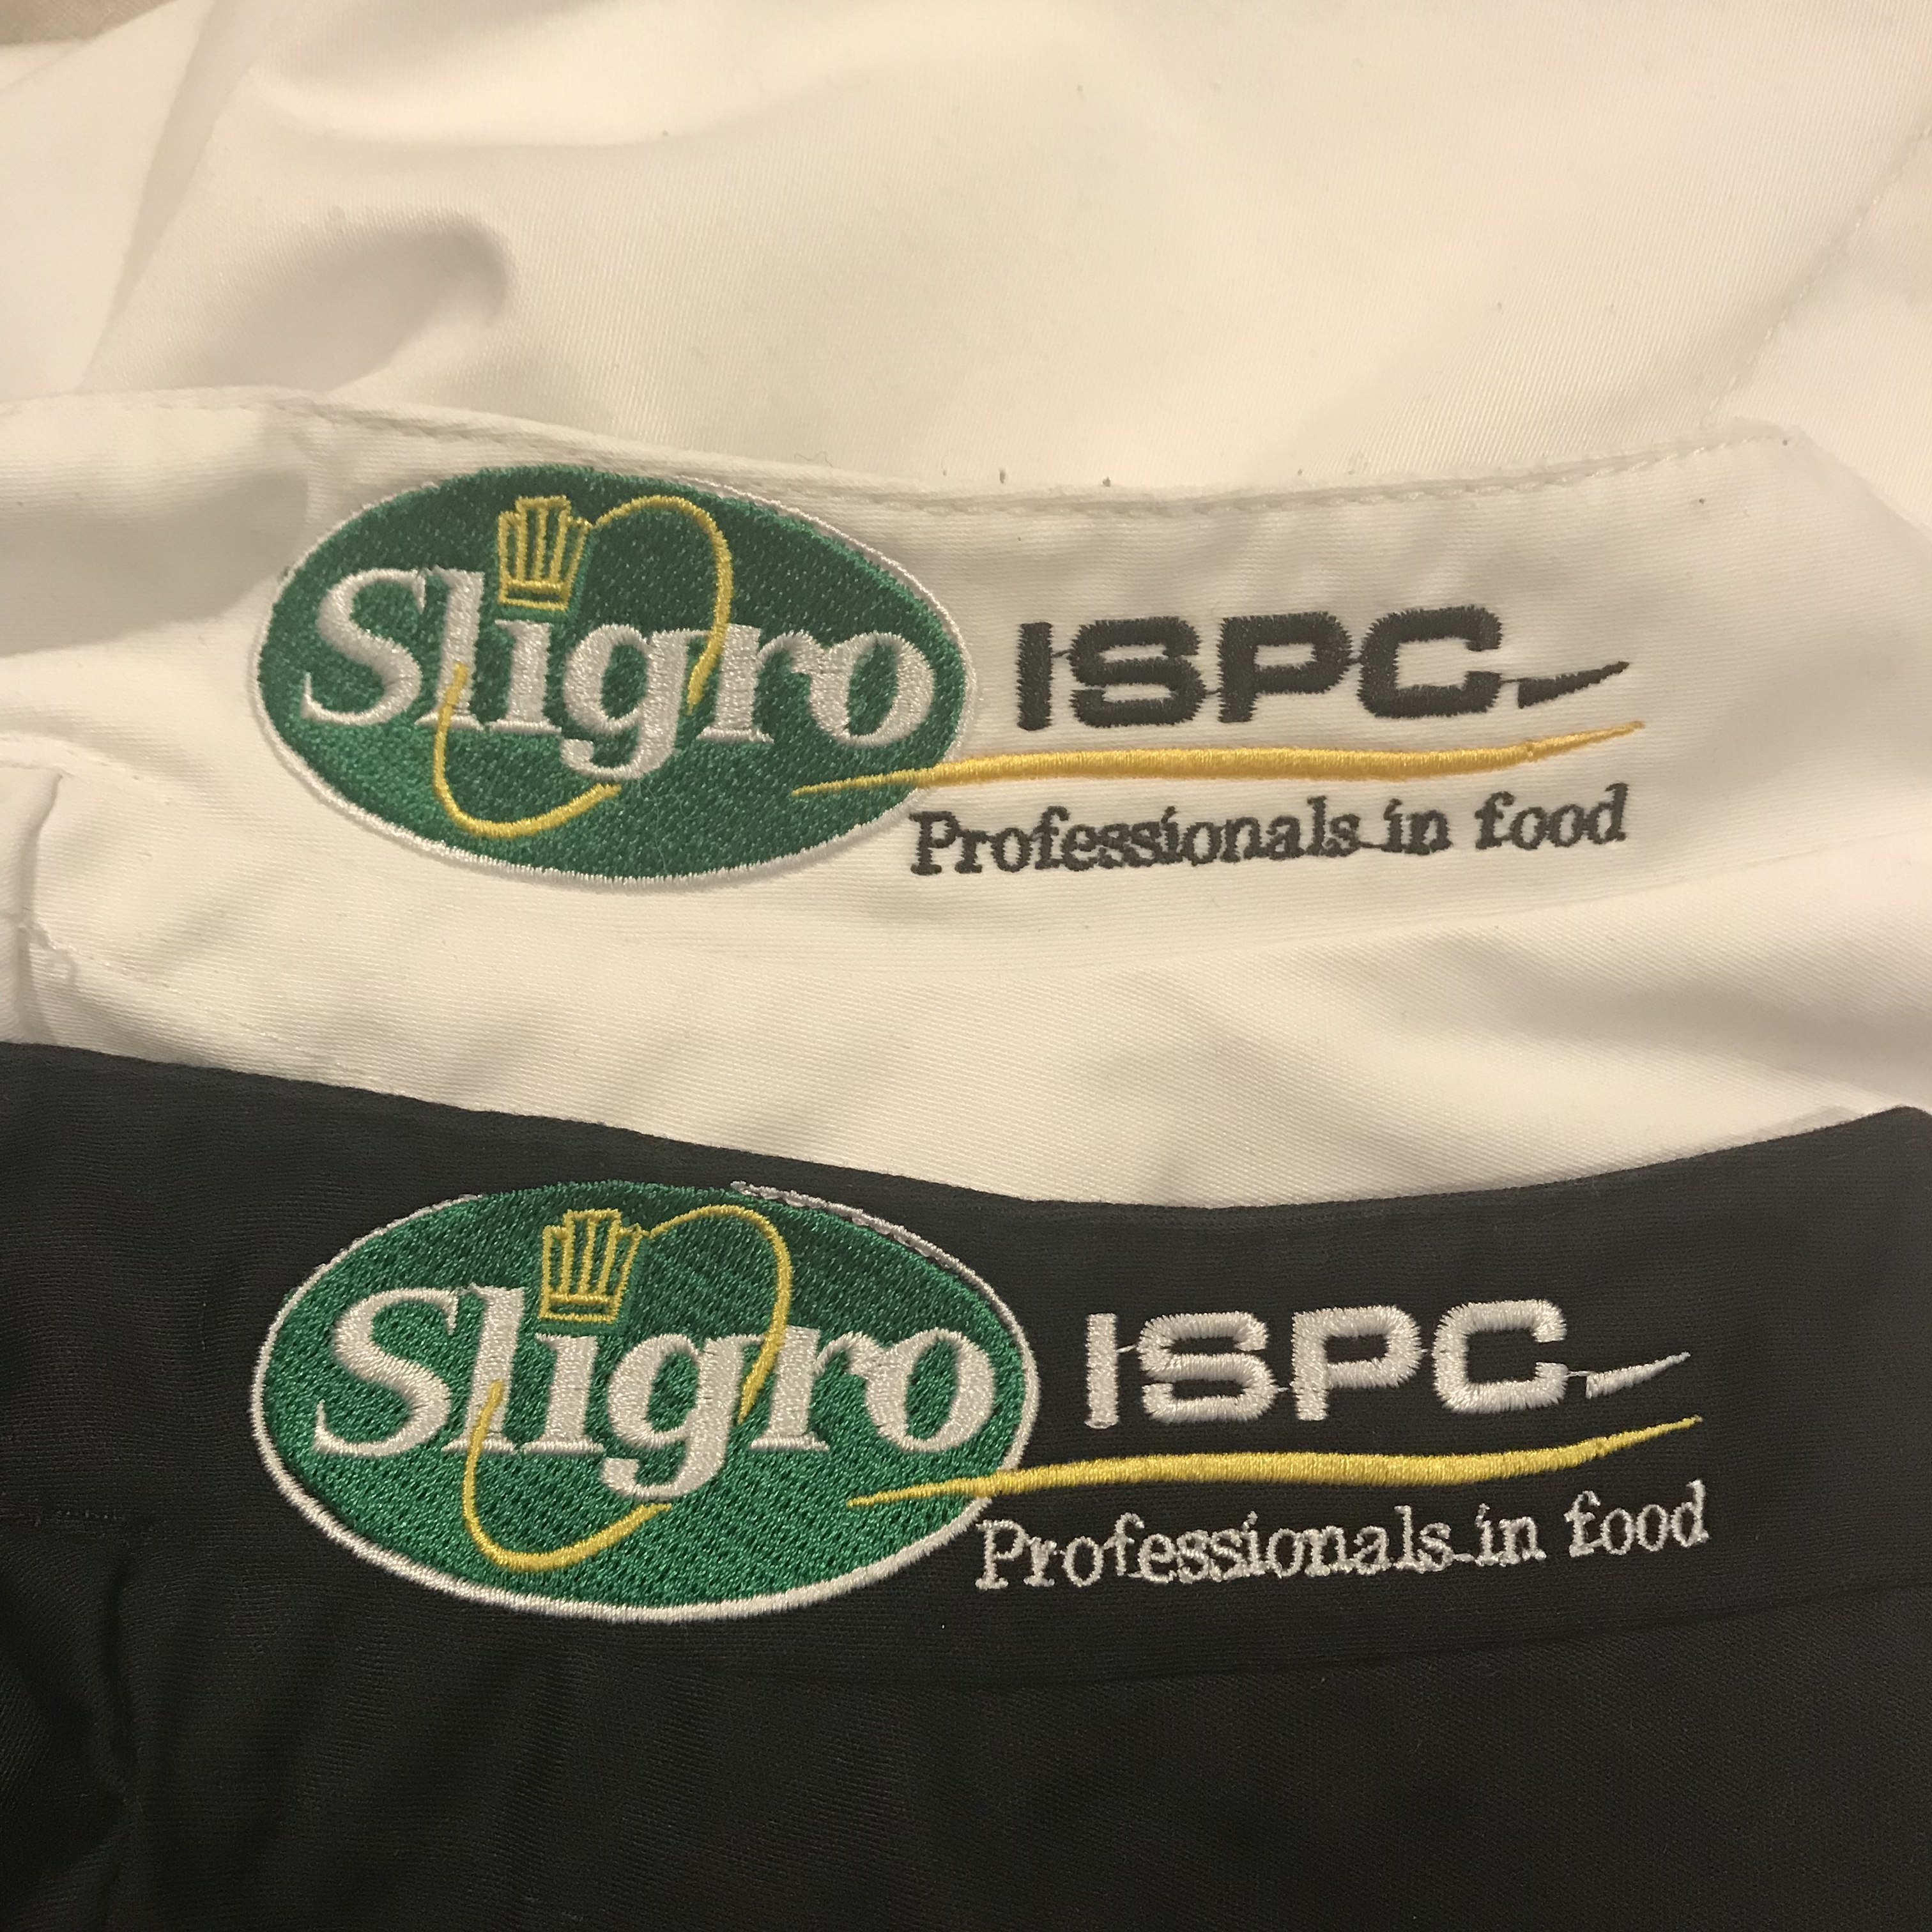 Sligro Ispc borduren op kleding